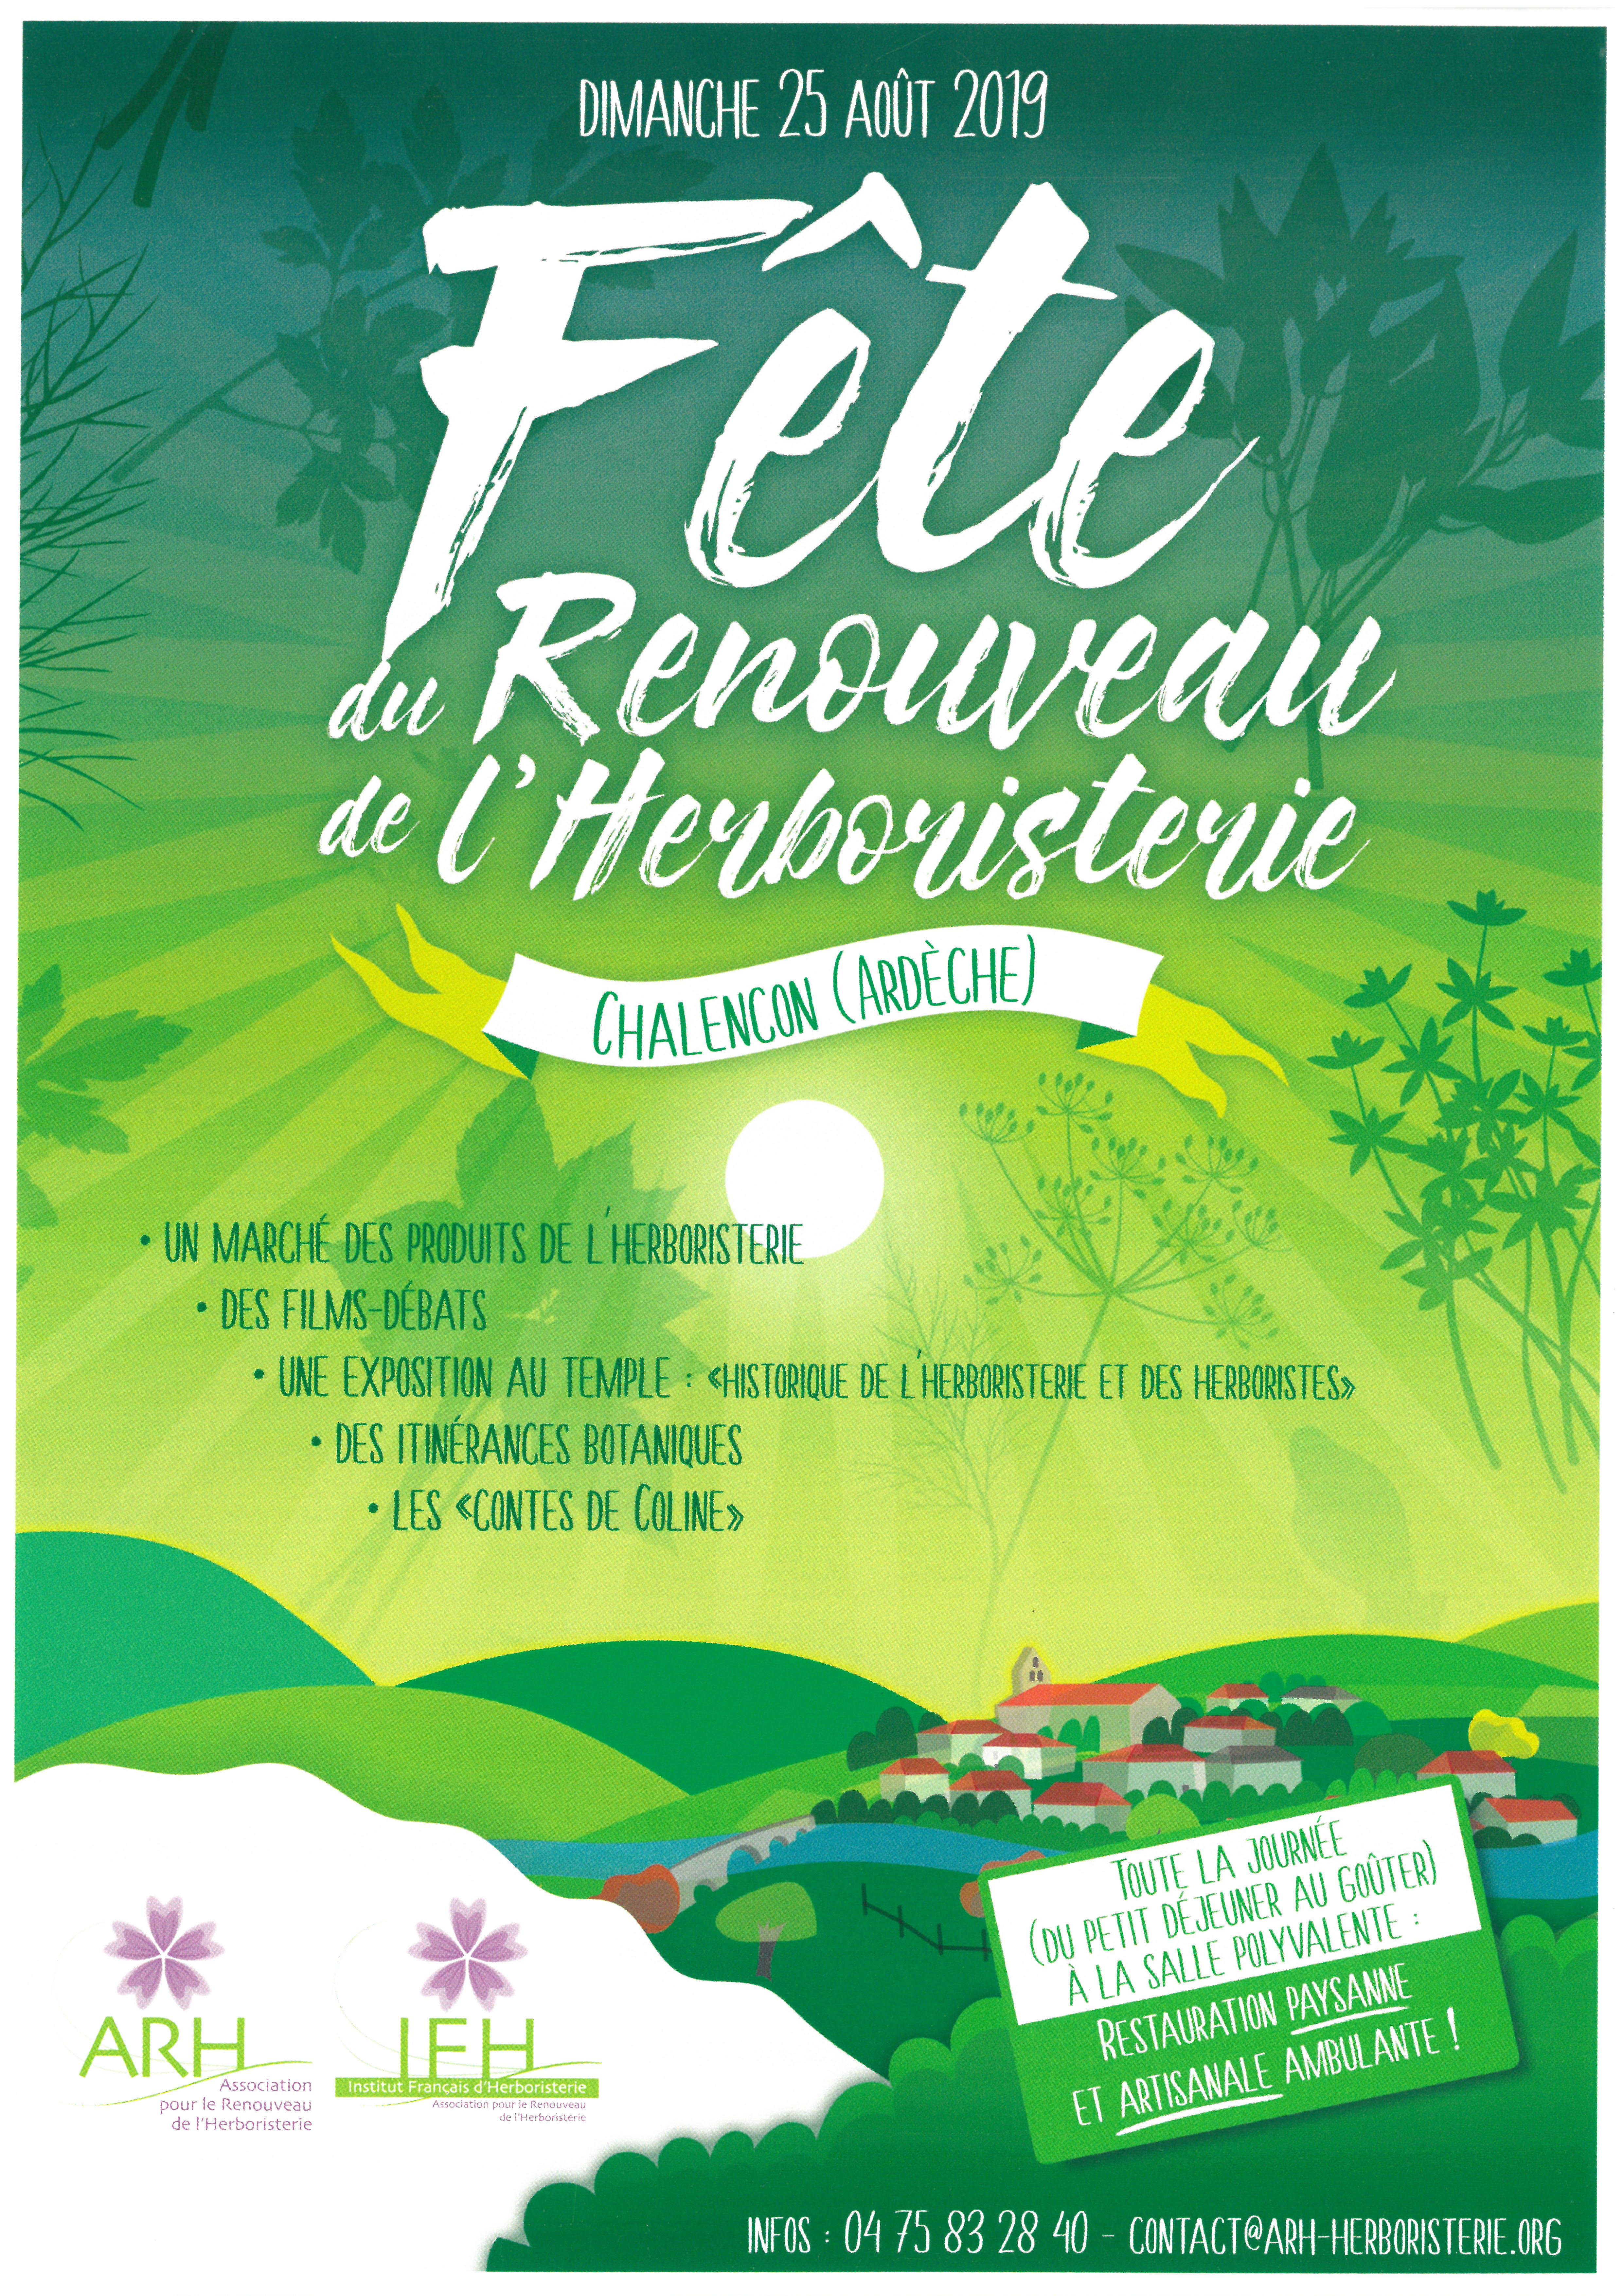 Events…Put it in your diary : Fête du Renouveau de l'Herboristerie